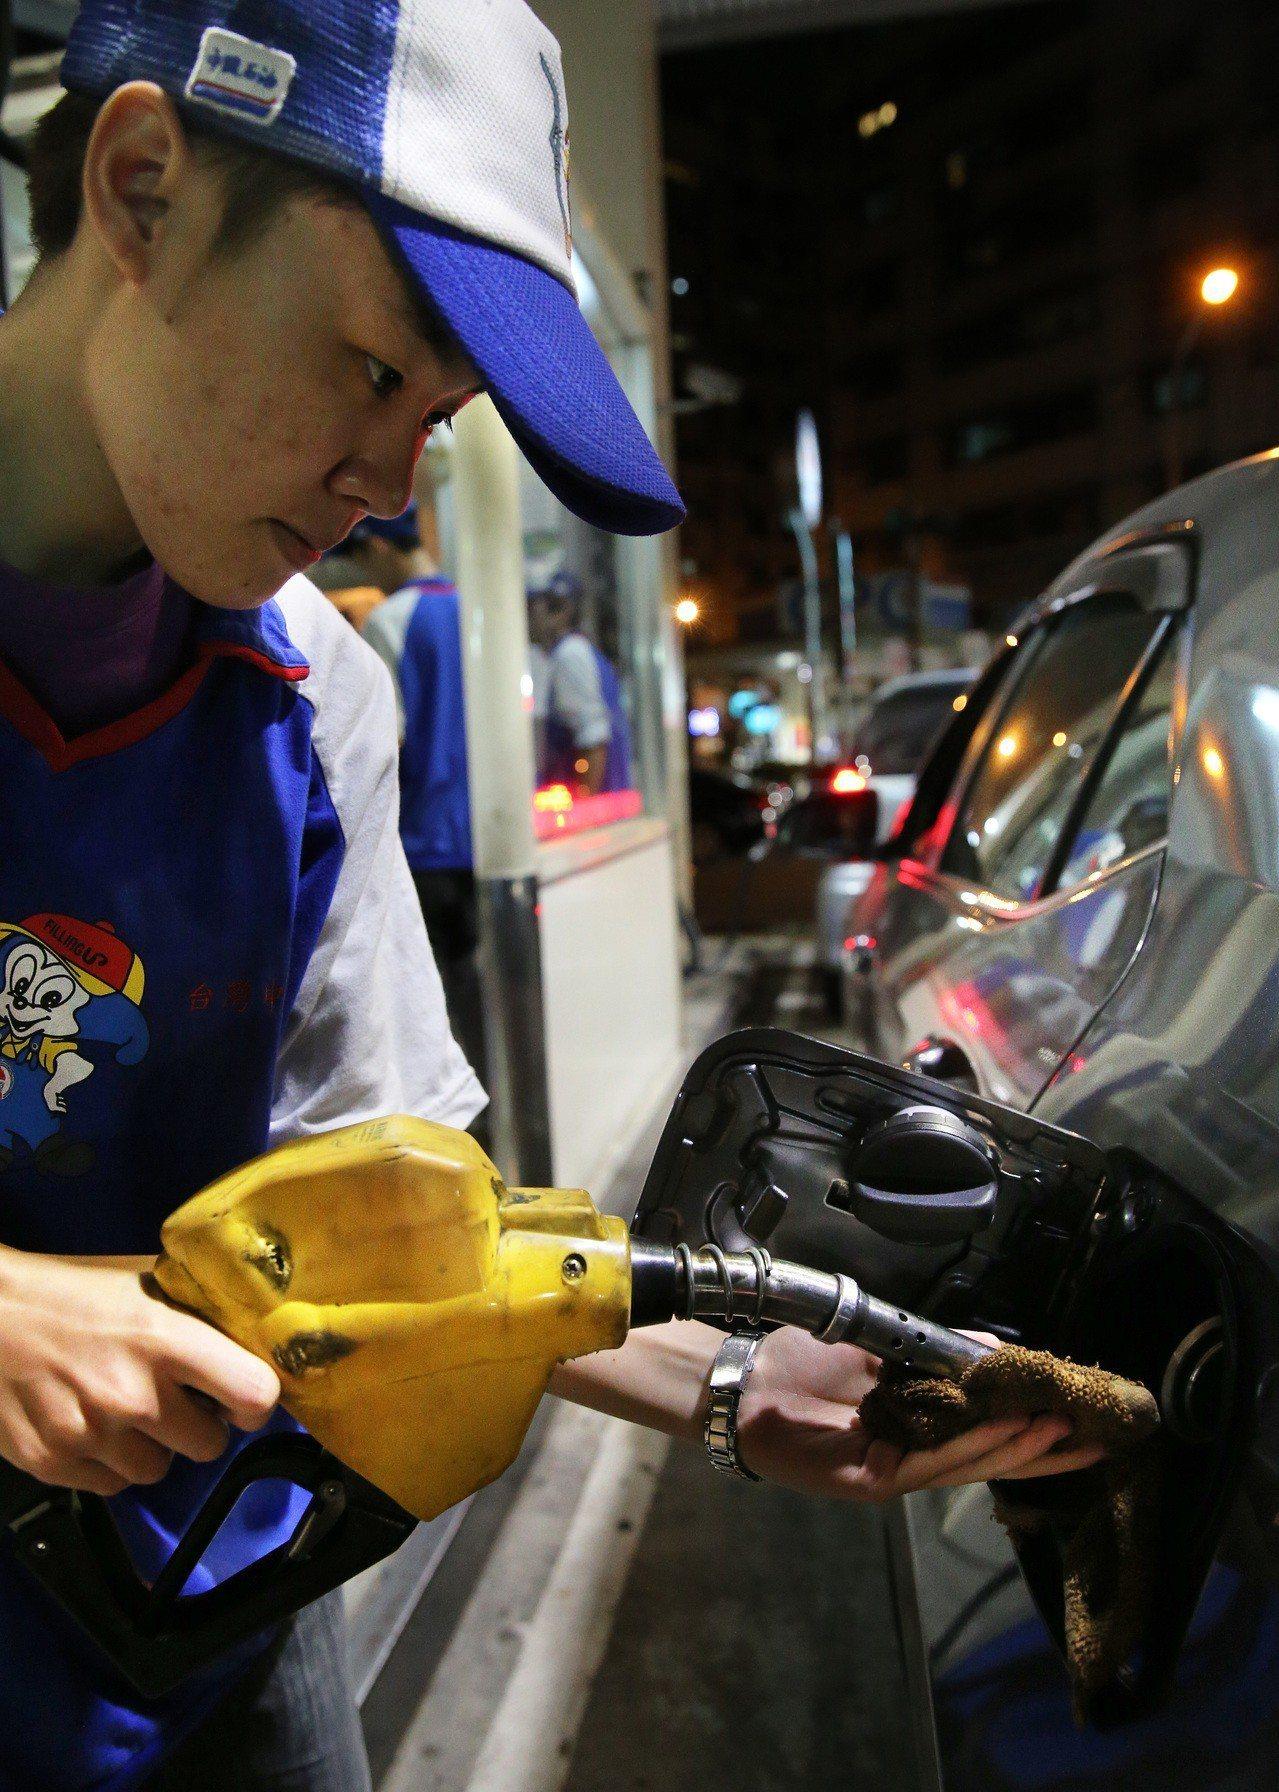 台灣中油公司自明(13)日凌晨零時起調降各式汽、柴油價格每公升各0.2元,調整後...